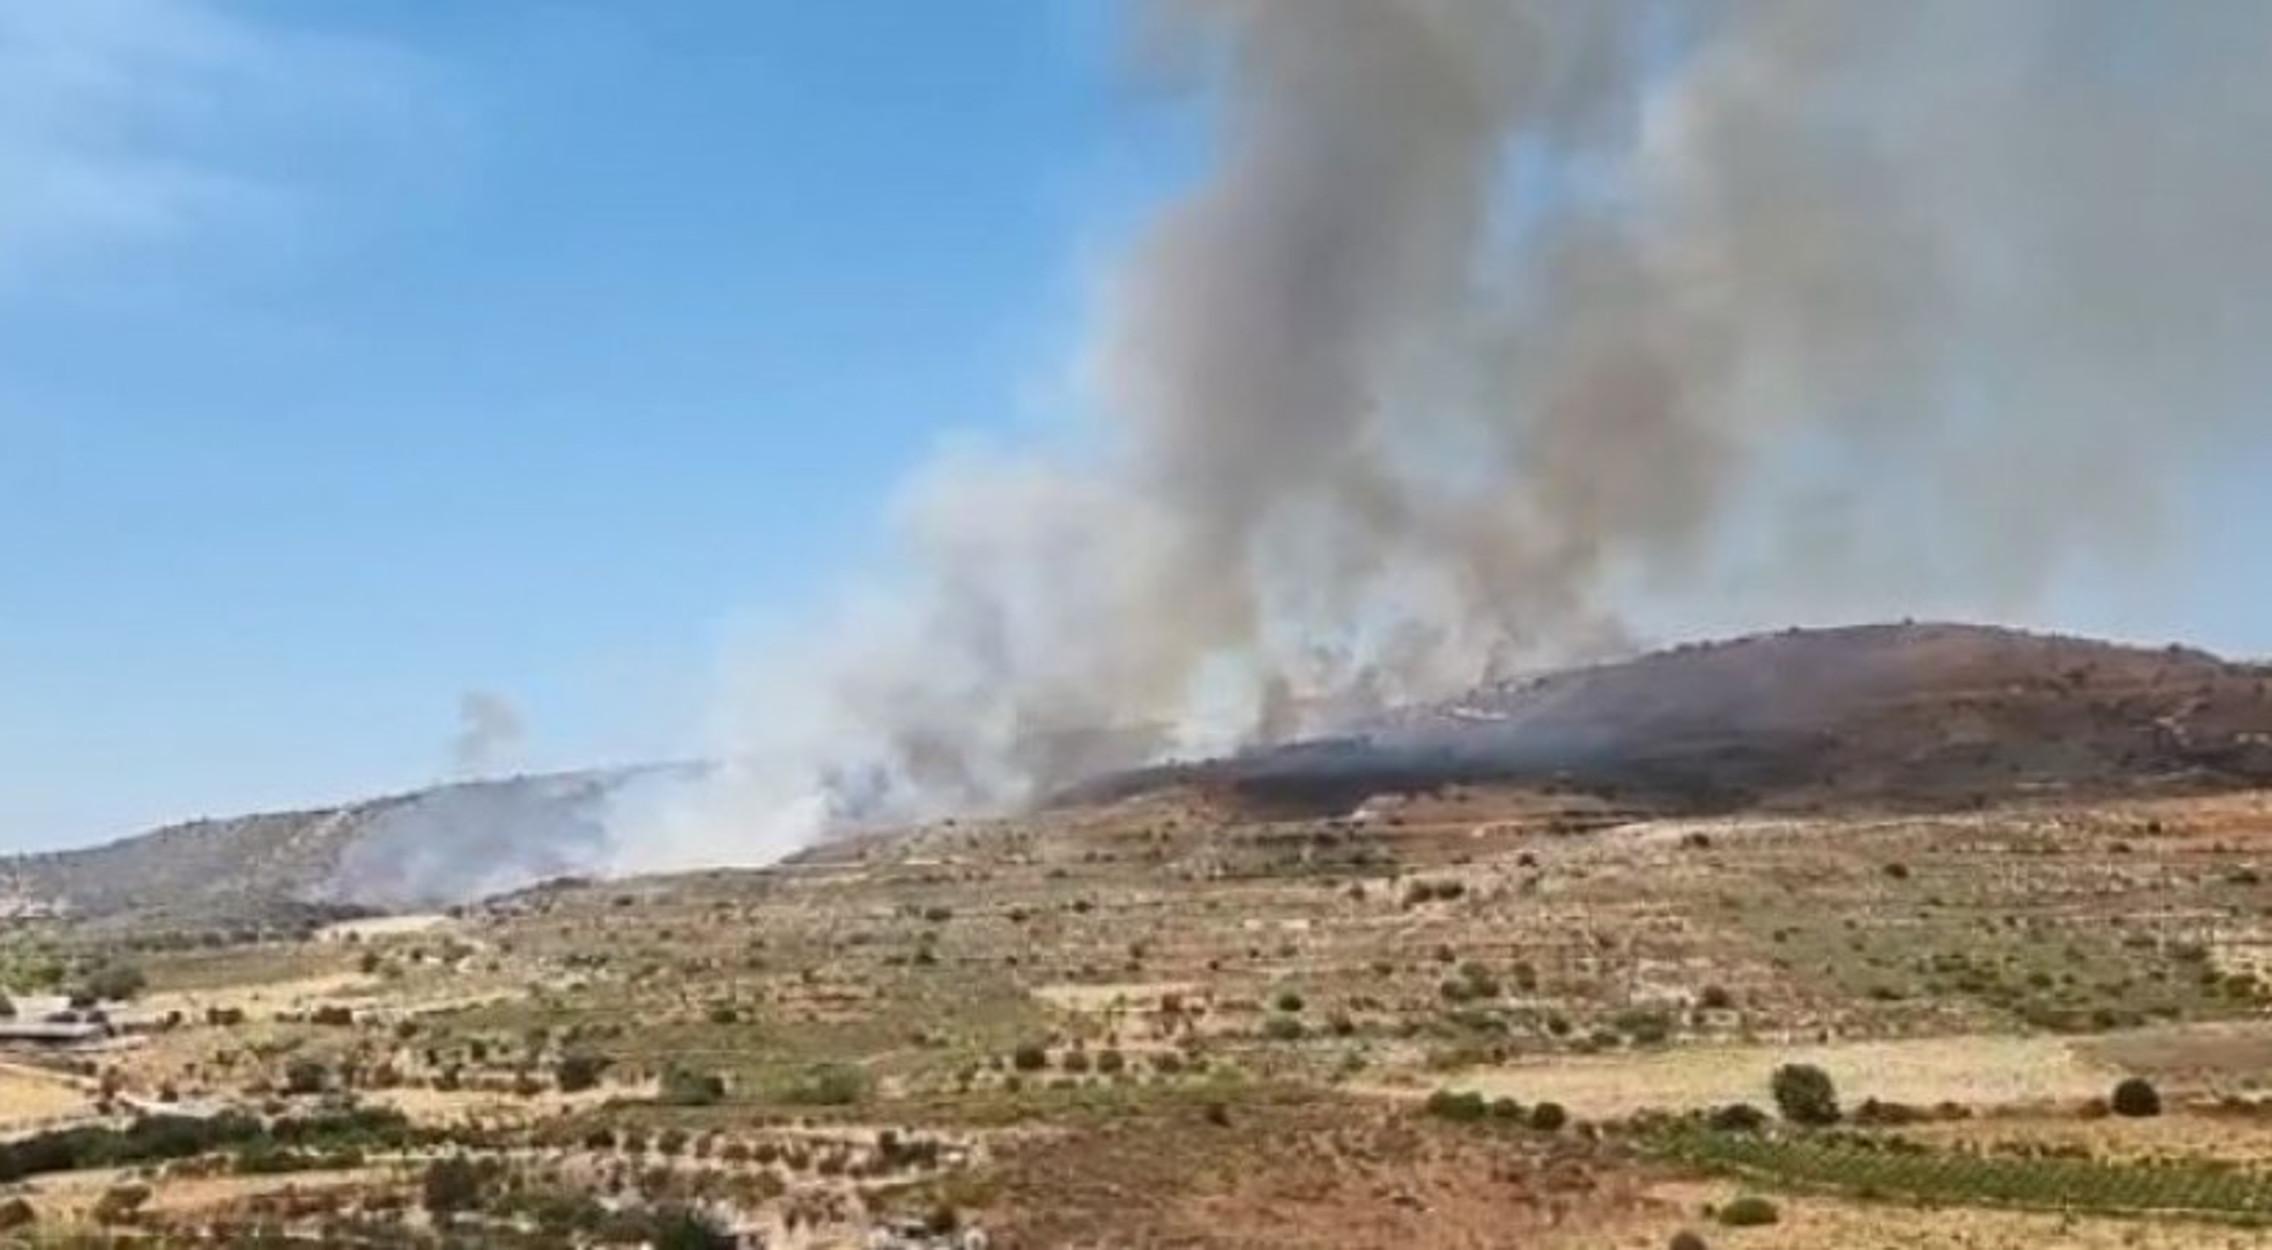 Κύπρος: Μεγάλη φωτιά στην Πάχνα Λεμεσού – Εκκενώθηκαν σπίτια